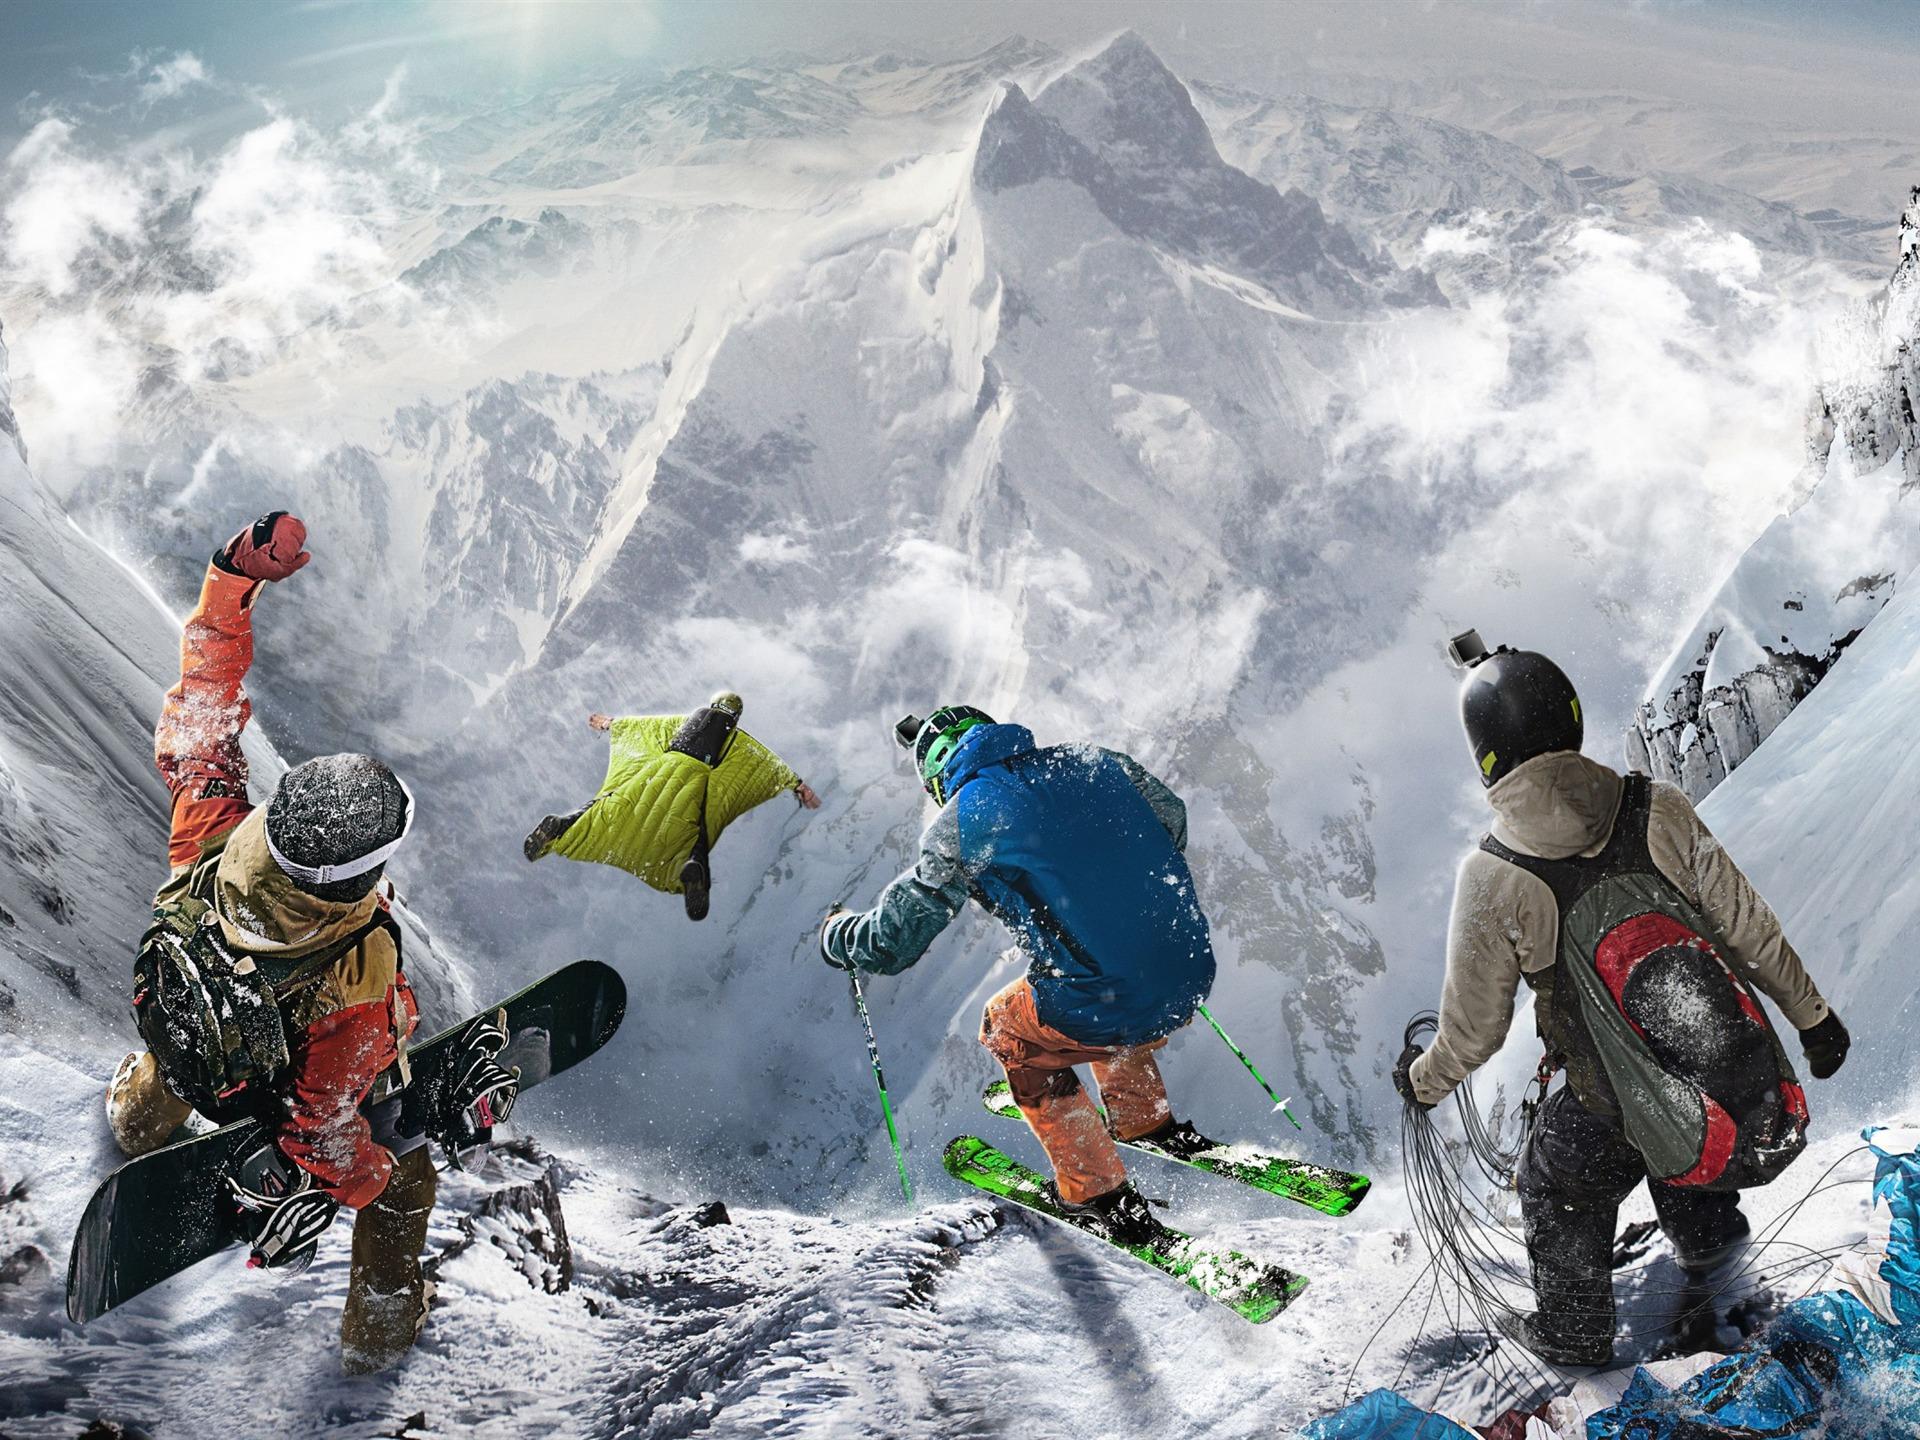 合金装备3高清壁纸_陡峭的极限运动 -游戏高品质高清壁纸预览   10wallpaper.com